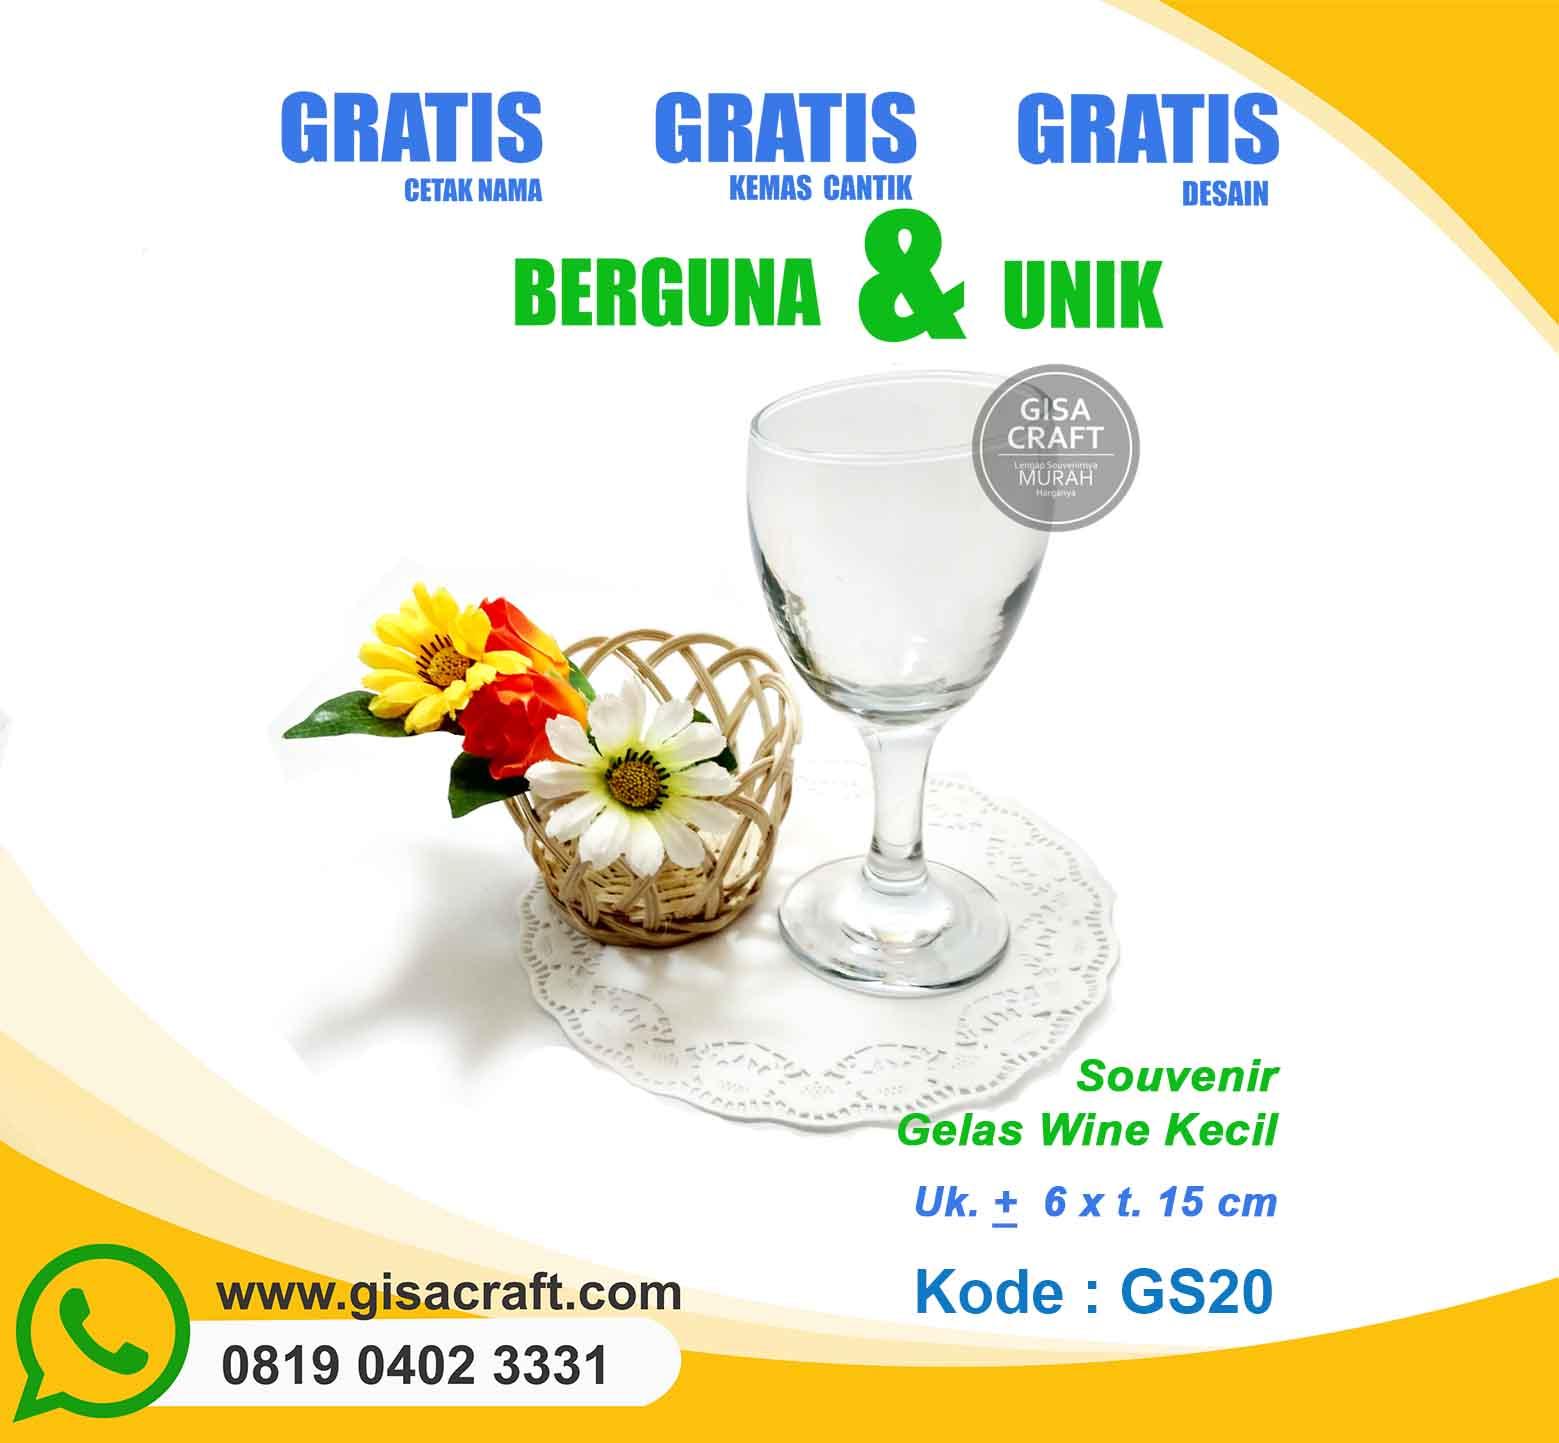 Souvenir Gelas Wine Kecil GS20